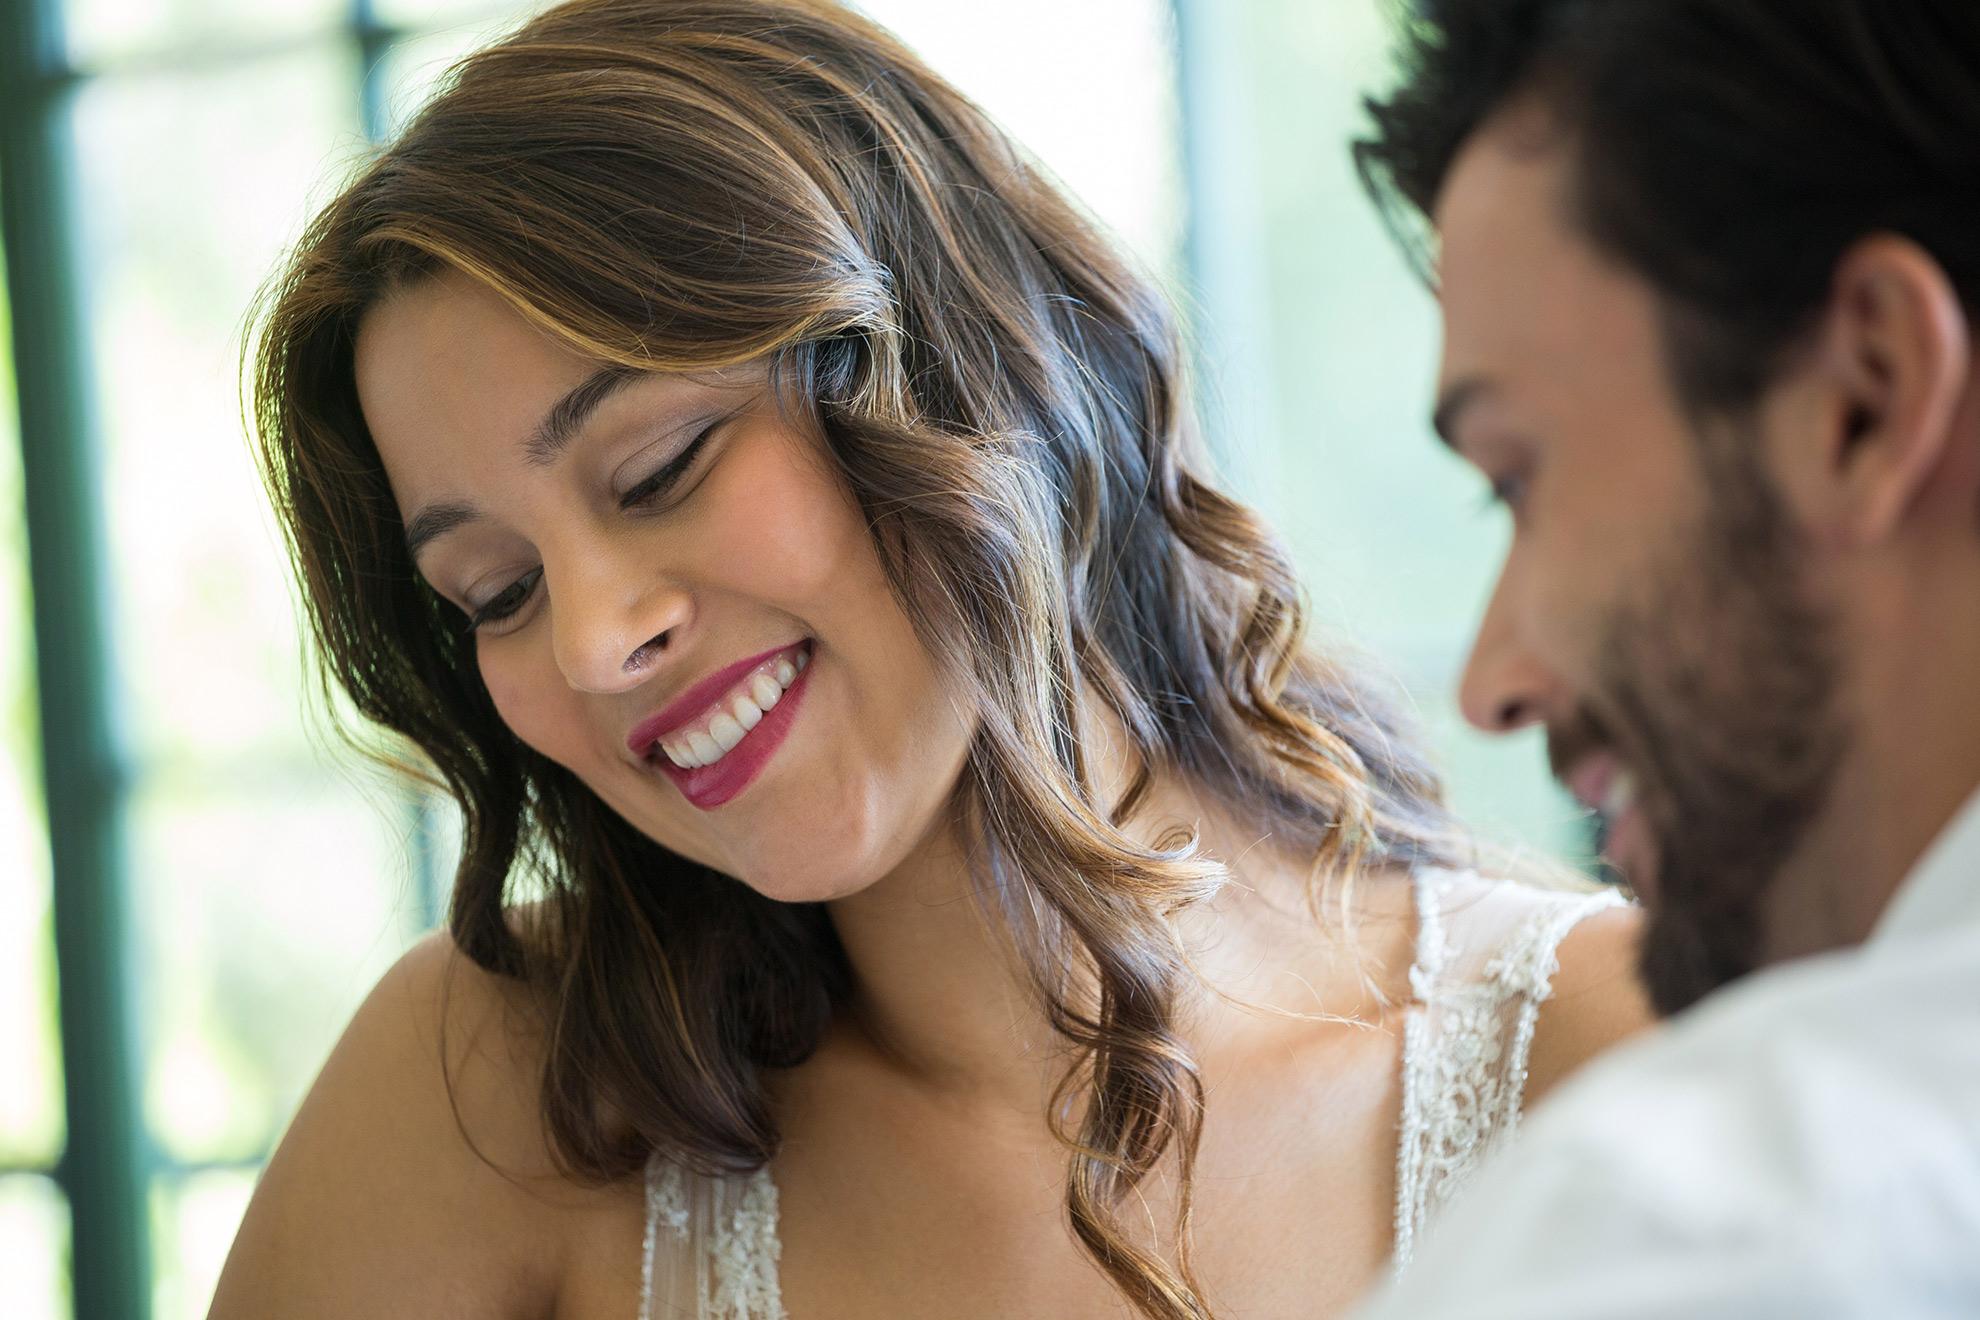 Kobieta śmiejąca się na randce, ilustracja do artykułu o sukienkach na randki latem